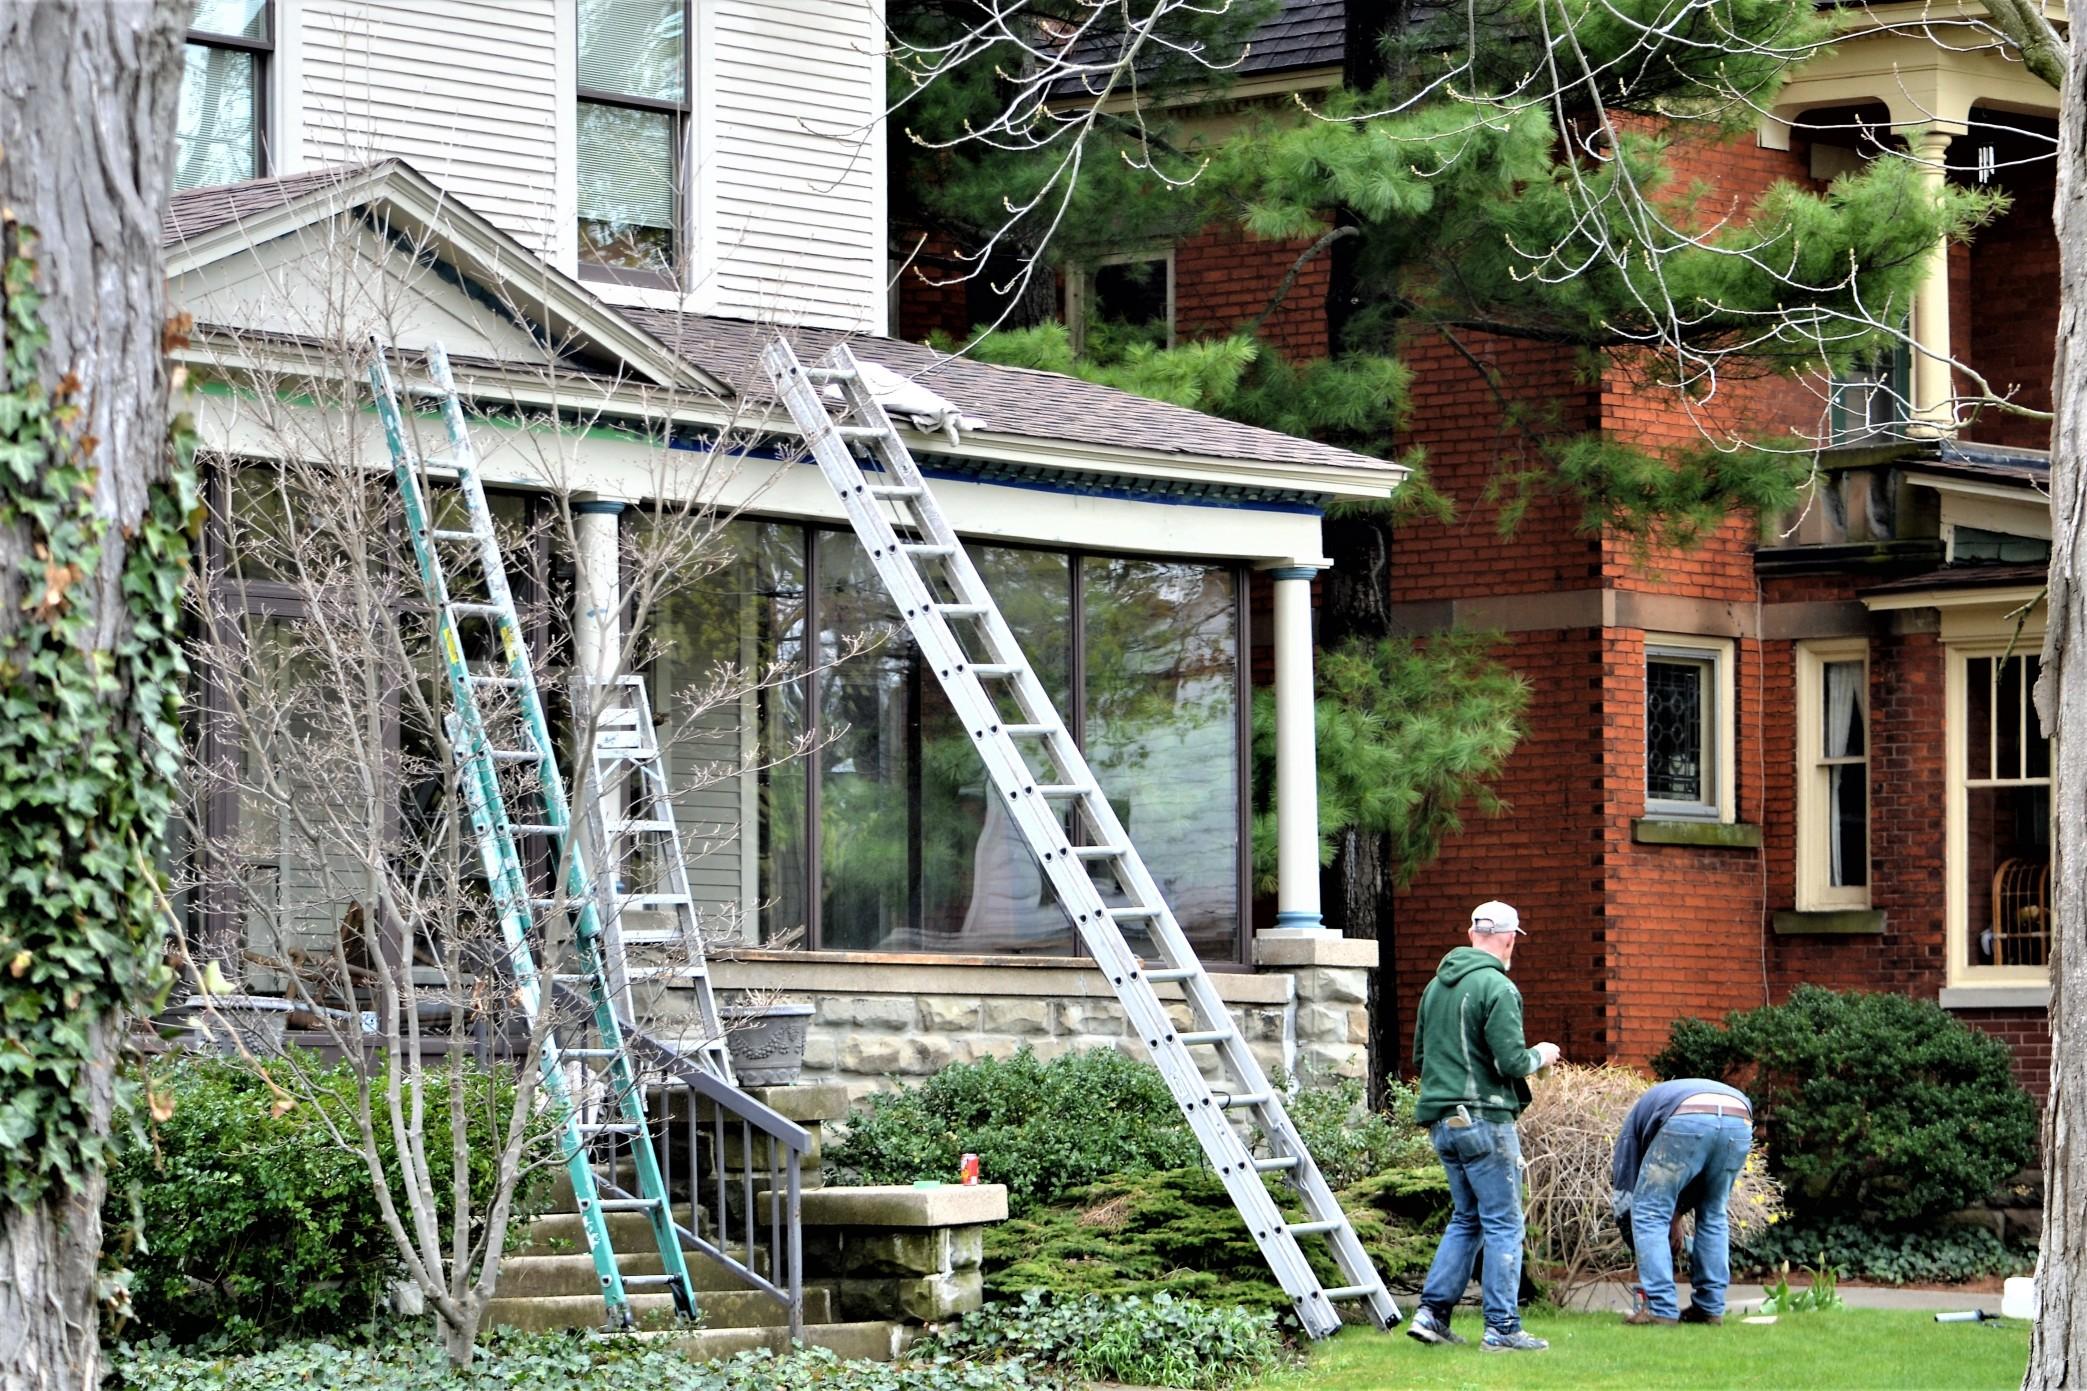 Eine günstige Gelegenheit für nachhaltige Dacheindeckung. Foto maginnis via Twenty20